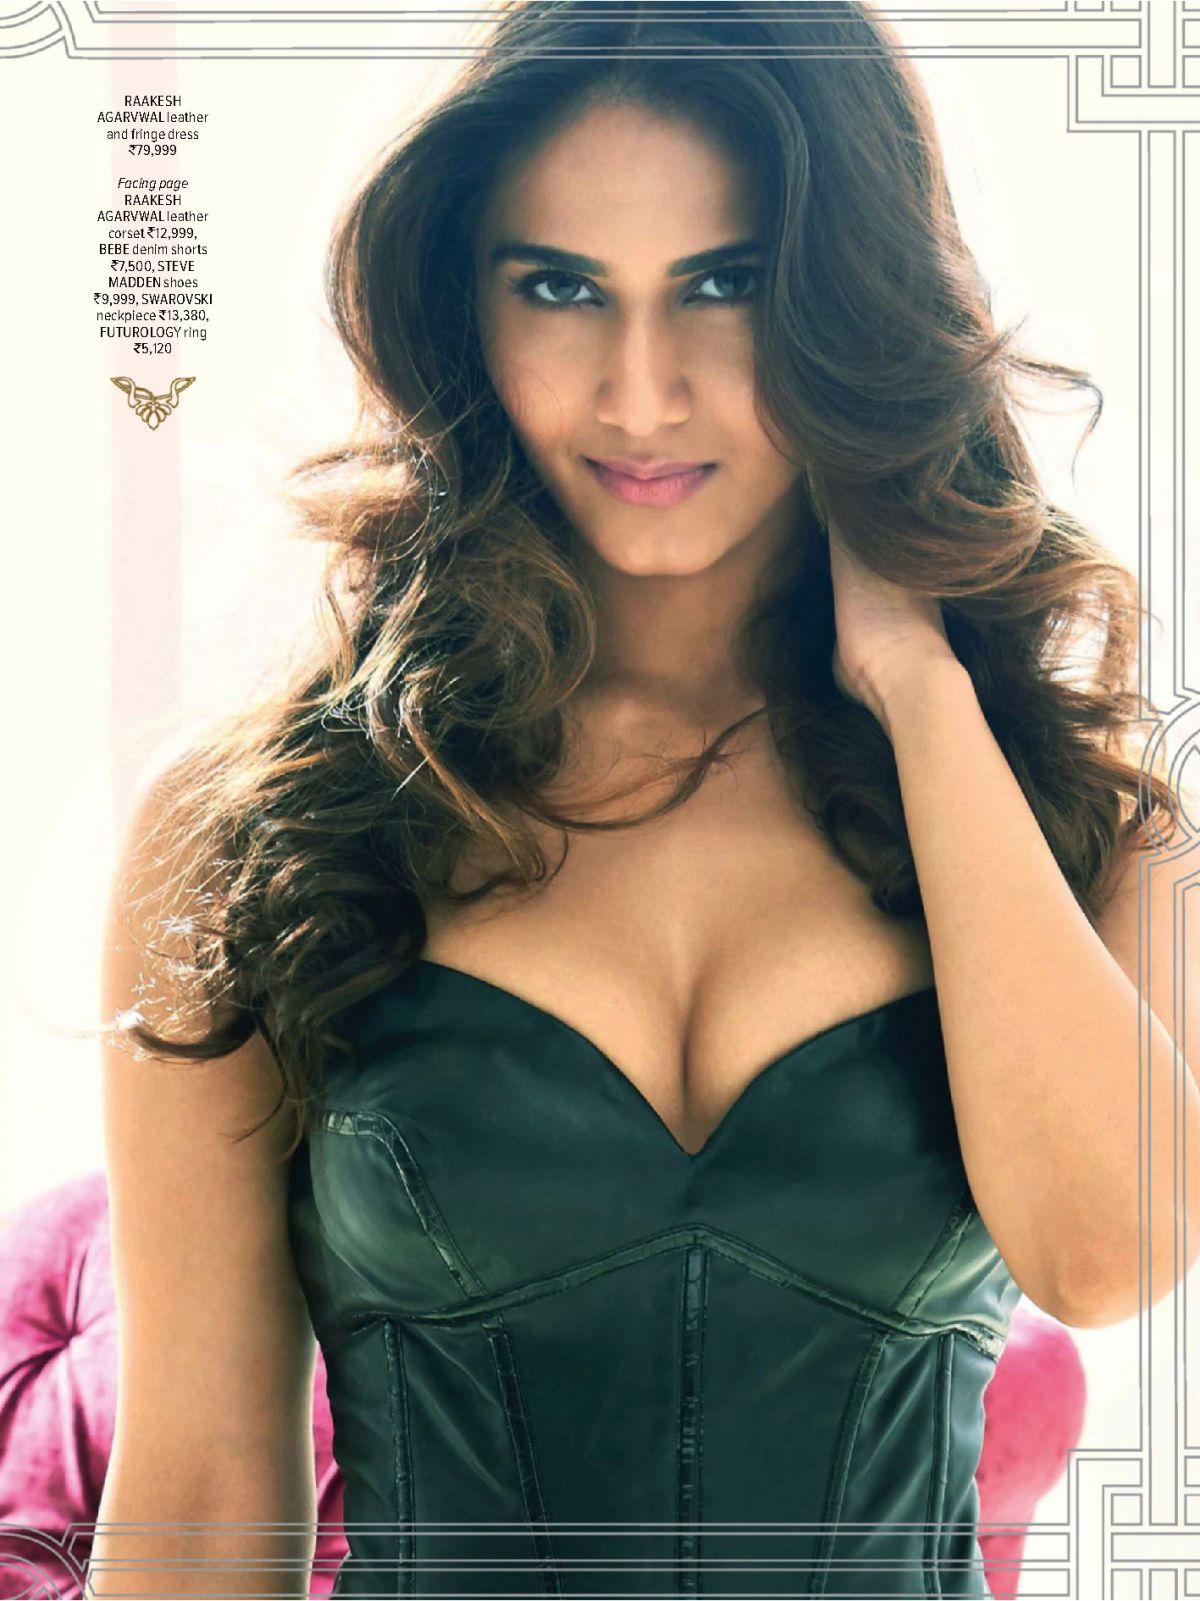 VAANI KAPOOR in Maxim Magazine, India August 2014 Issue